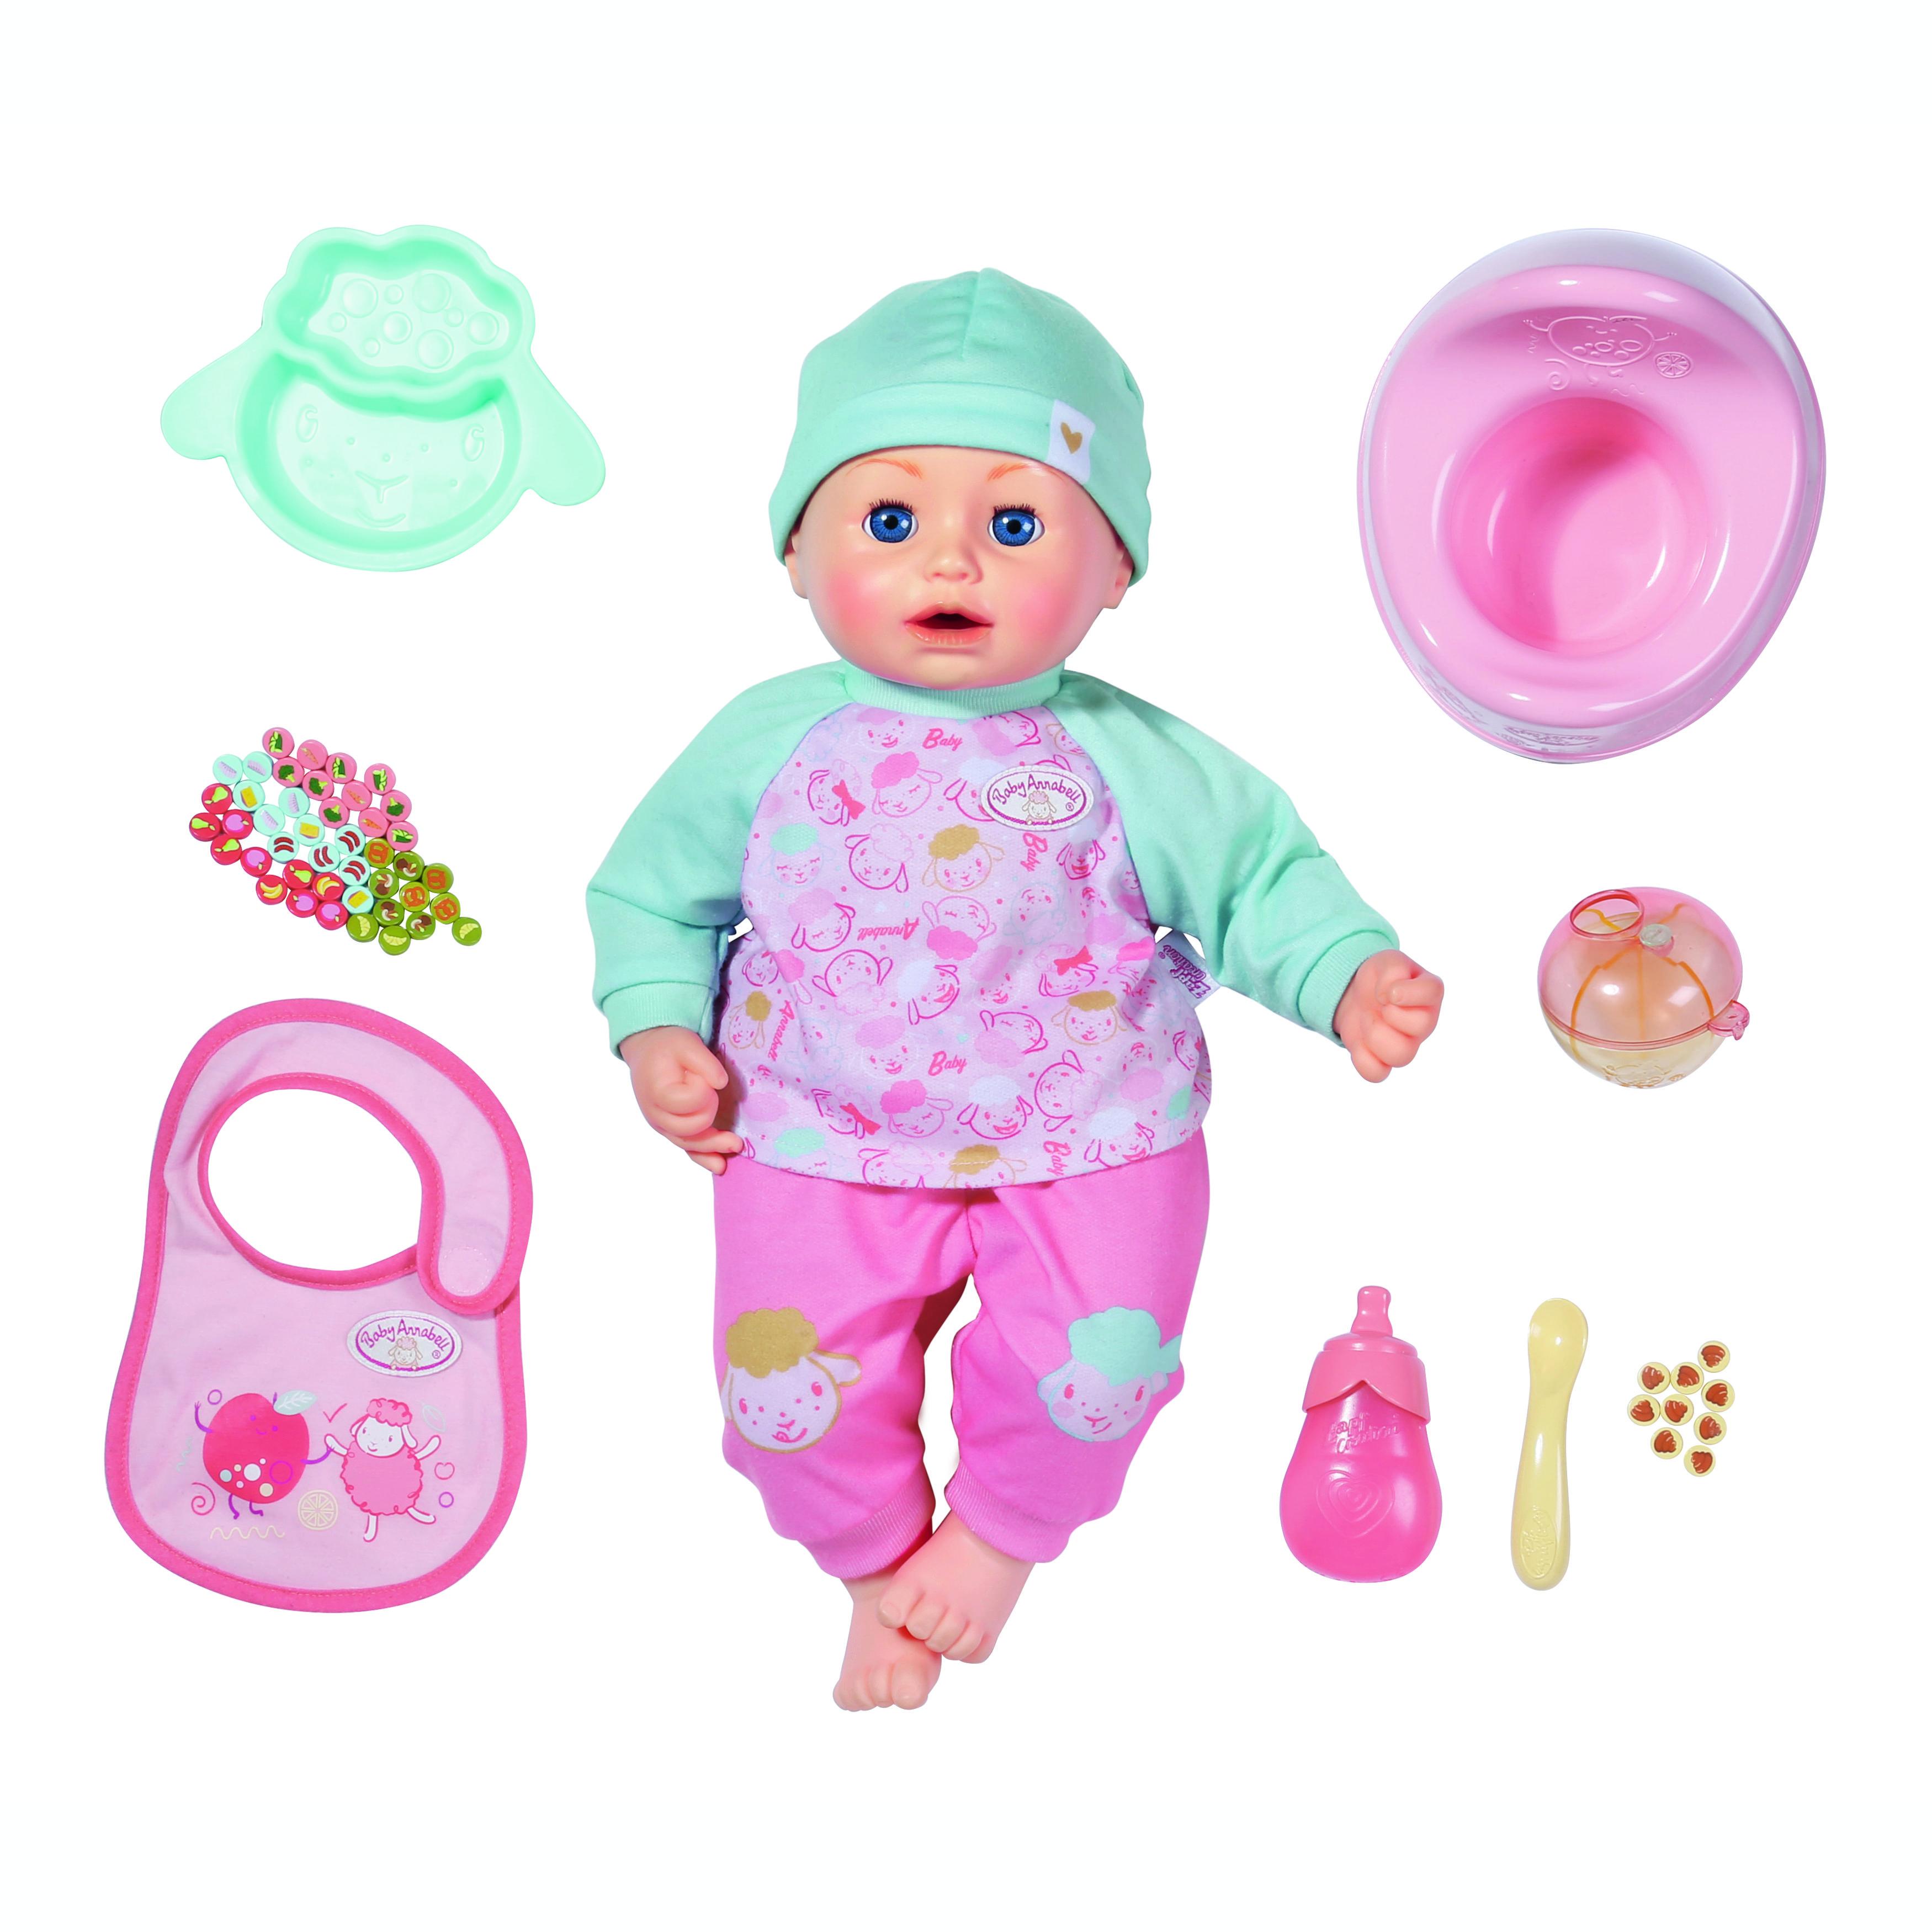 Baby Annabell Dukke med frokostsæt, 43 cm